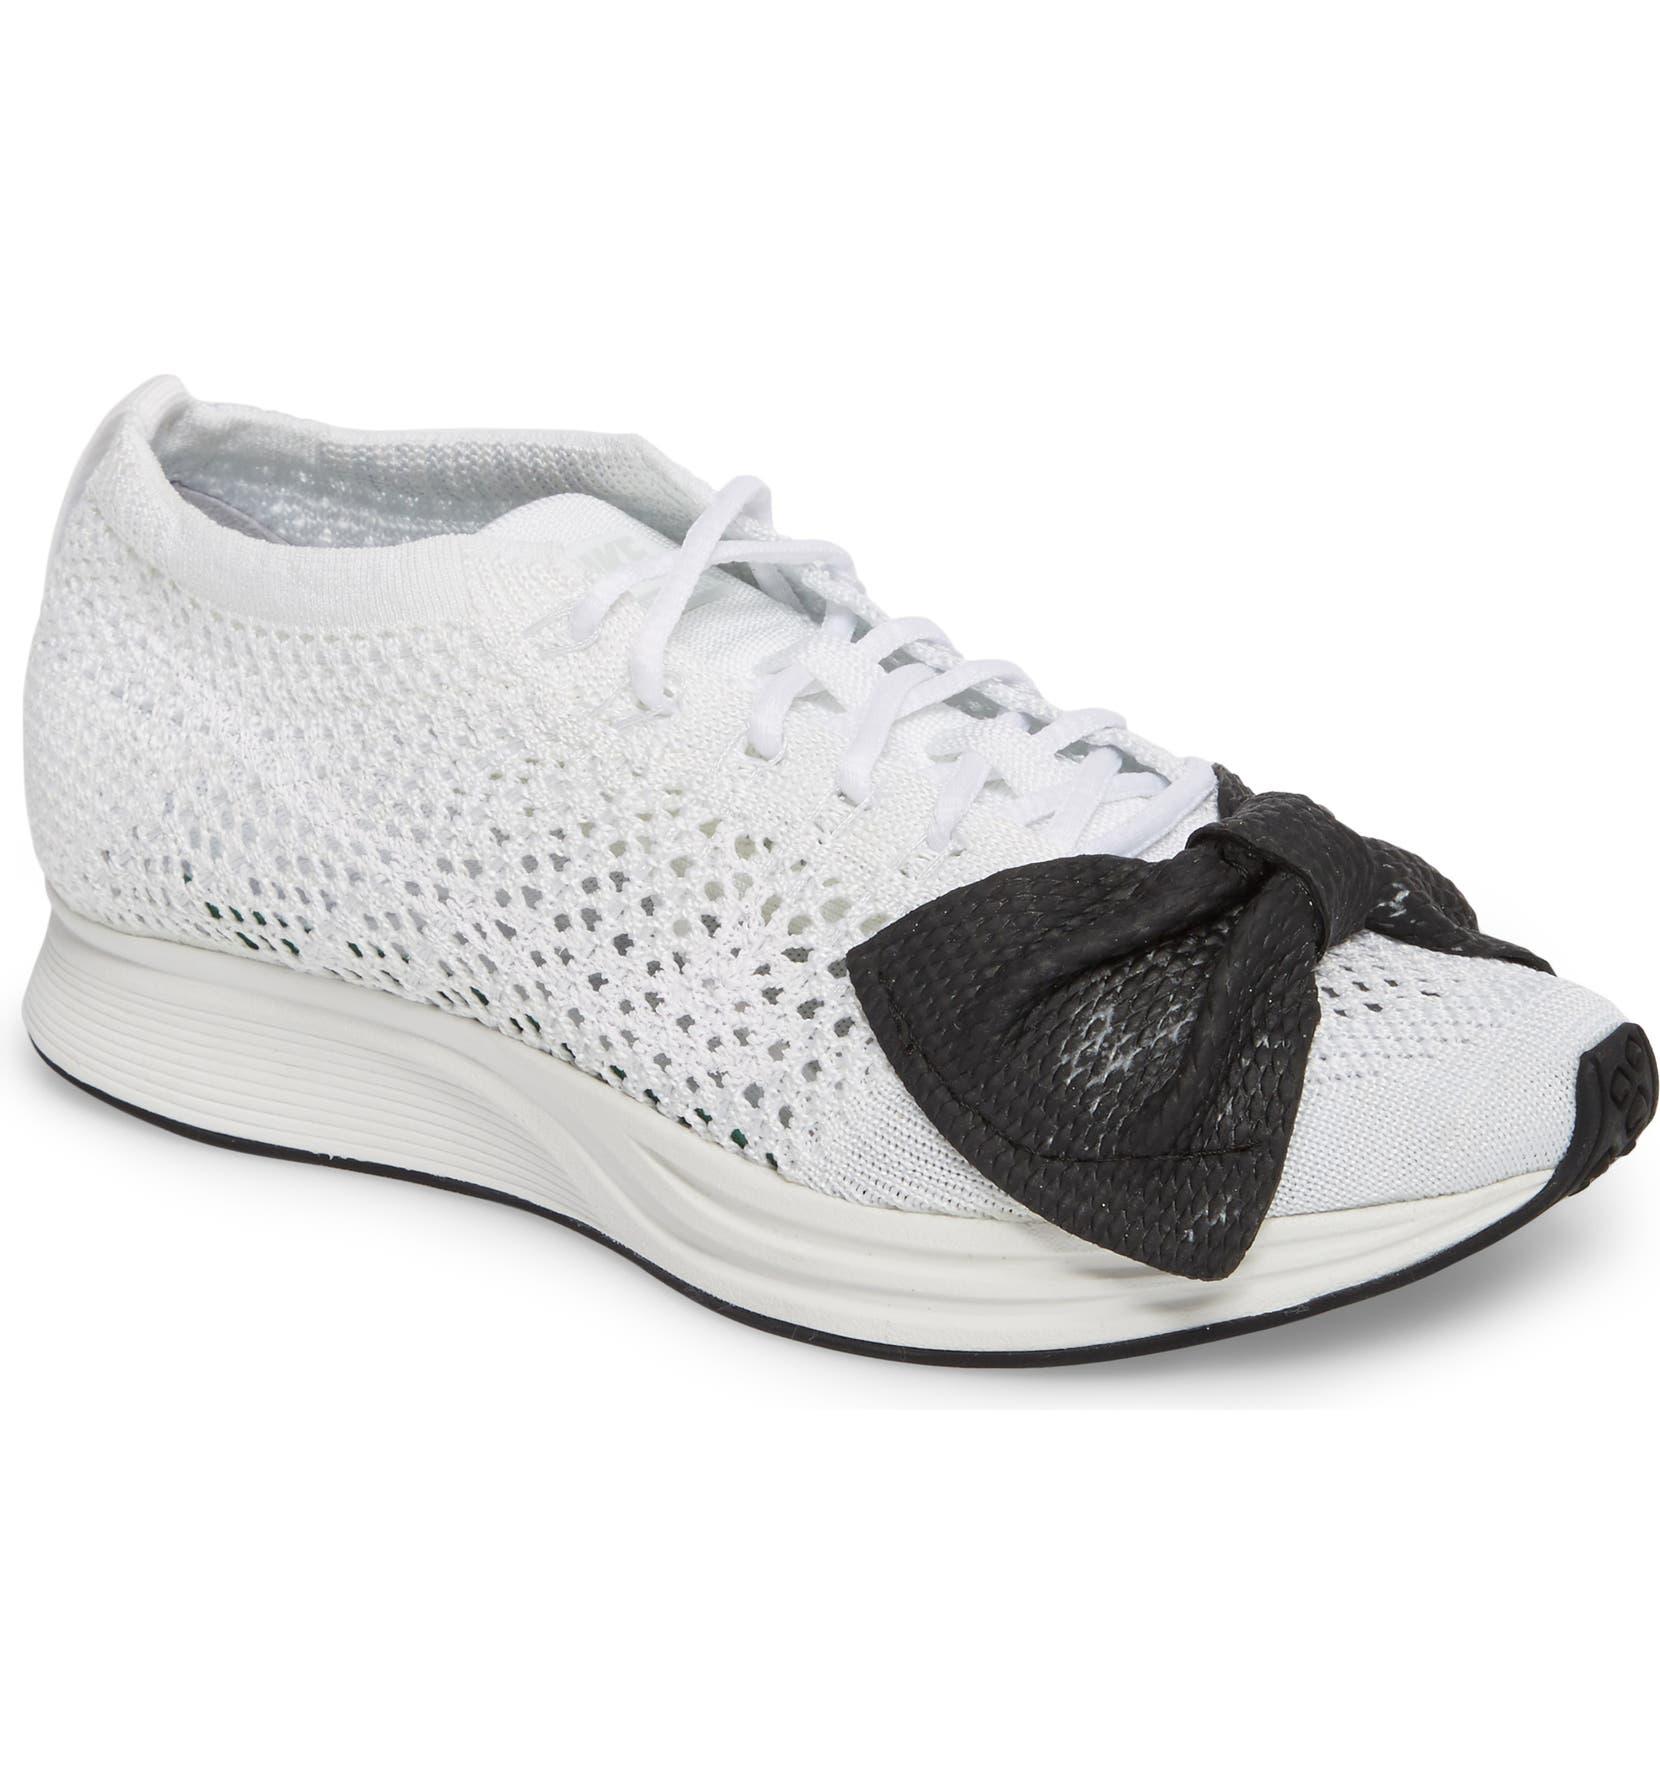 279df712457 Comme des Garçons x Nike Bow Flyknit Racer Sneaker